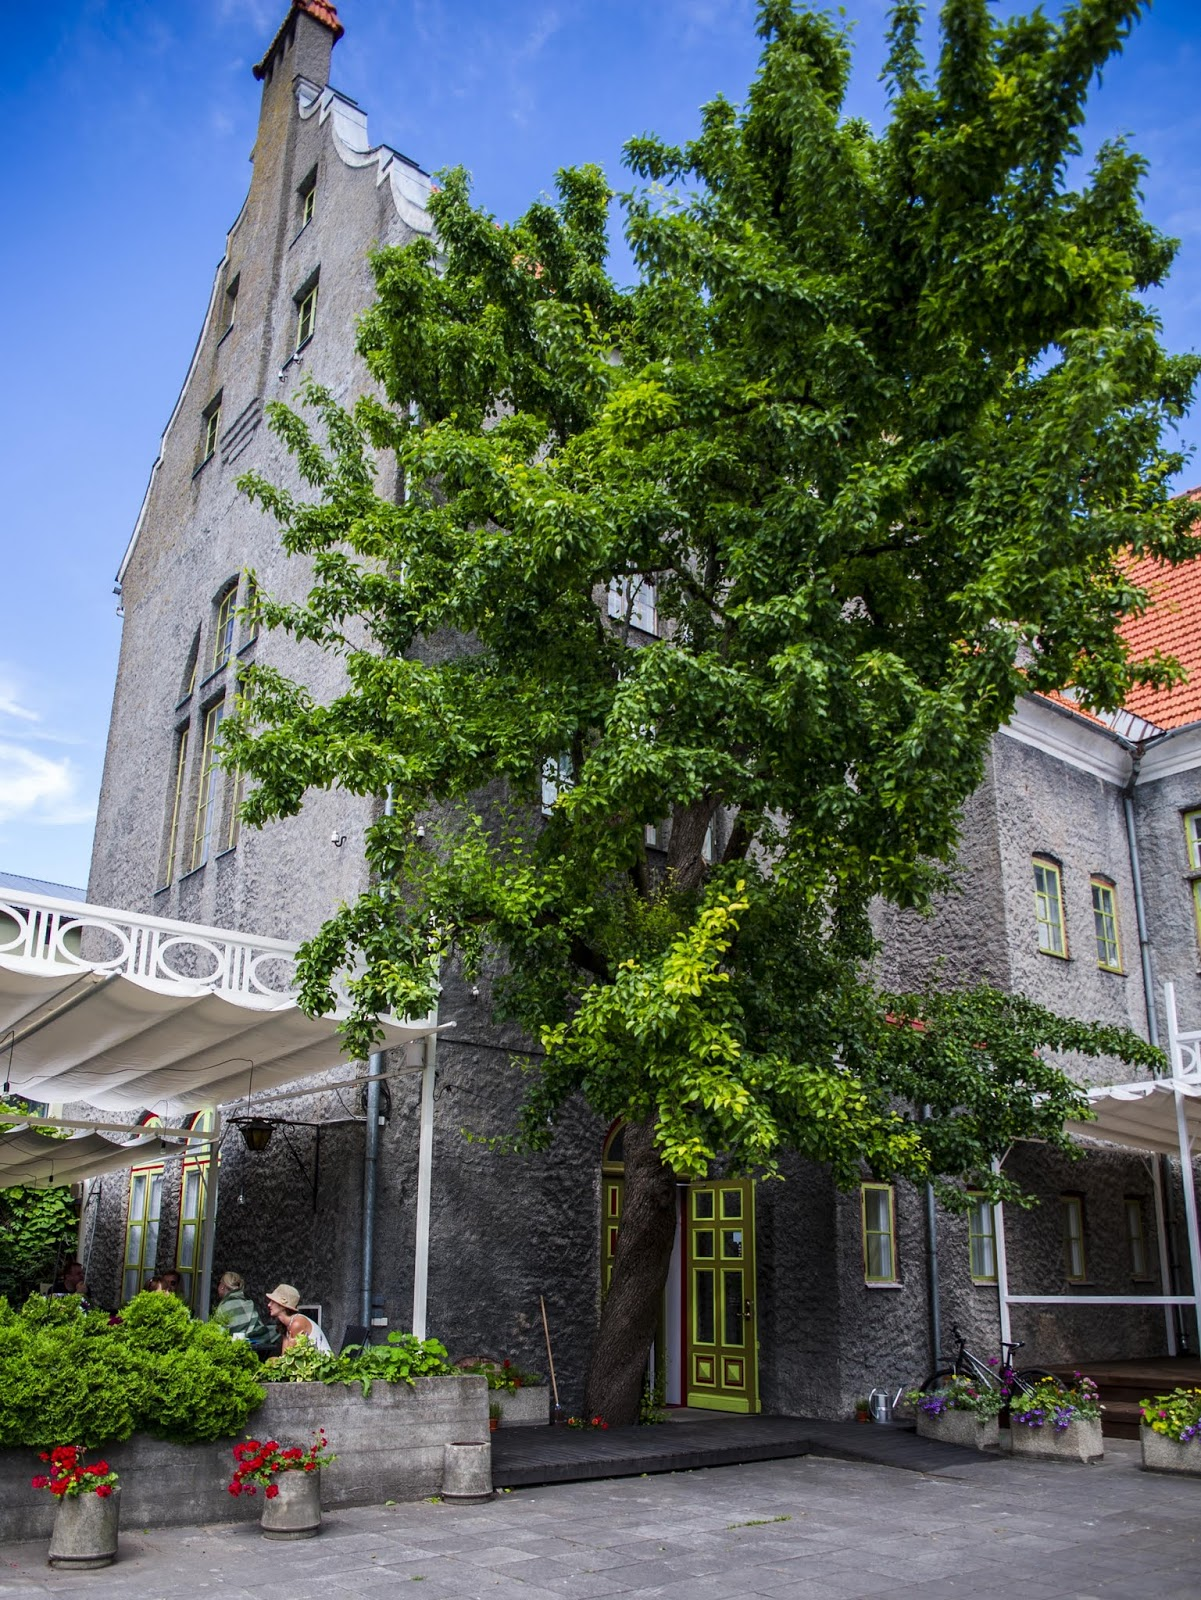 Hea restoran Hea Maa – Ise tehtud, hästi tehtud blogi